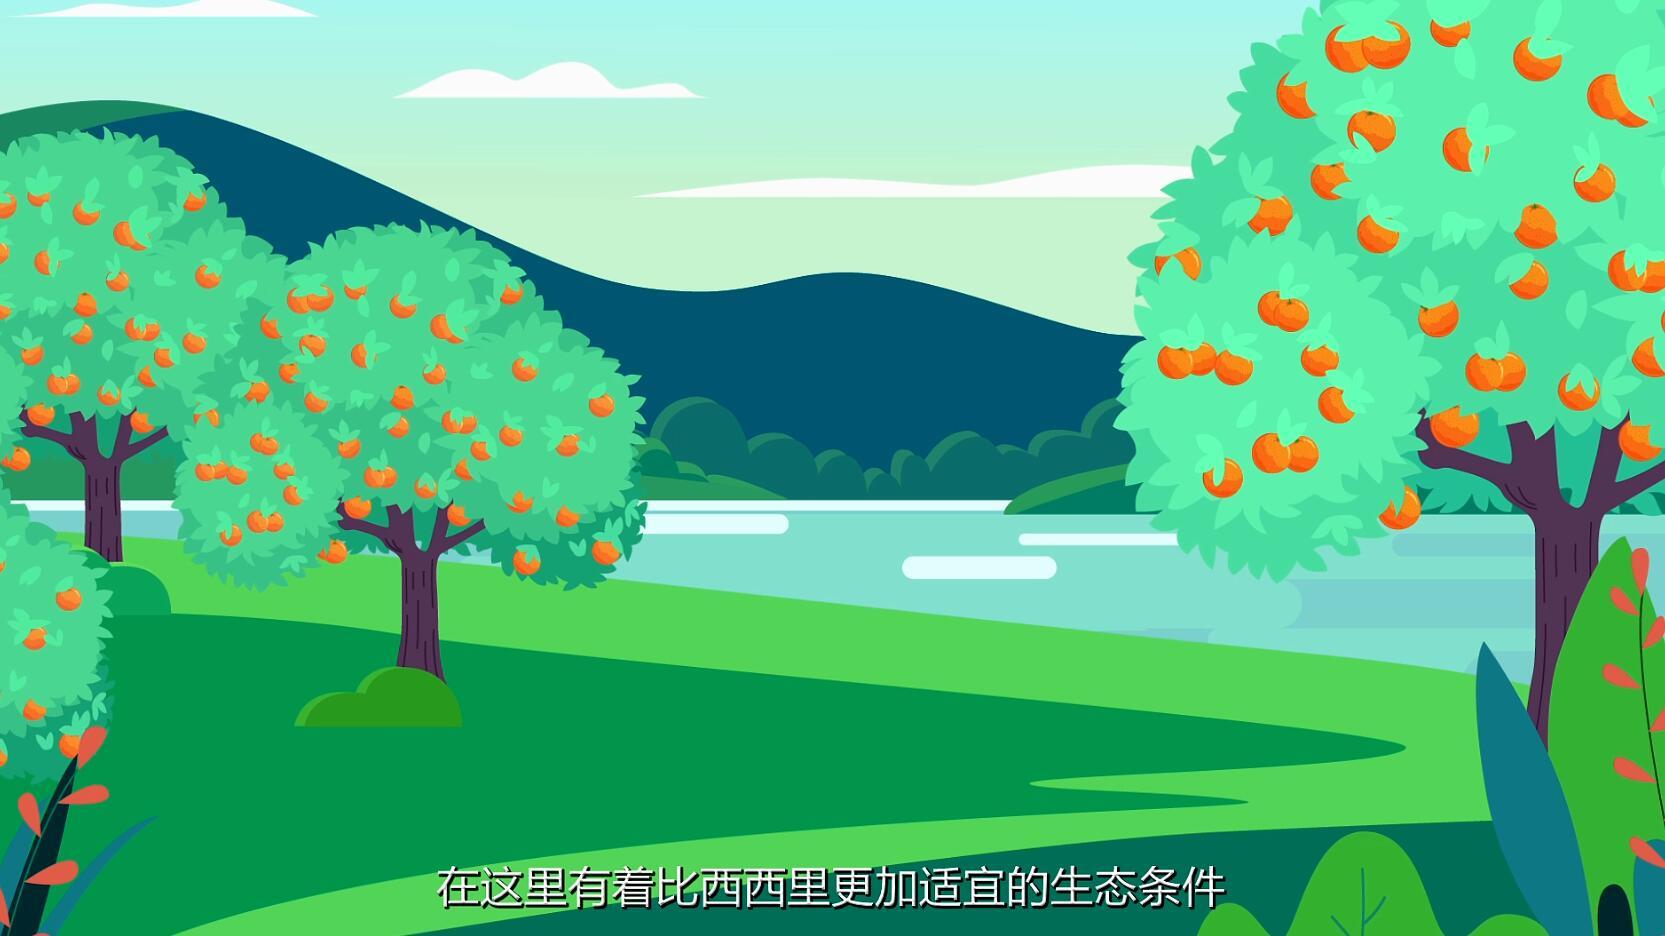 三峡恋橙,橙心诚意4.jpg